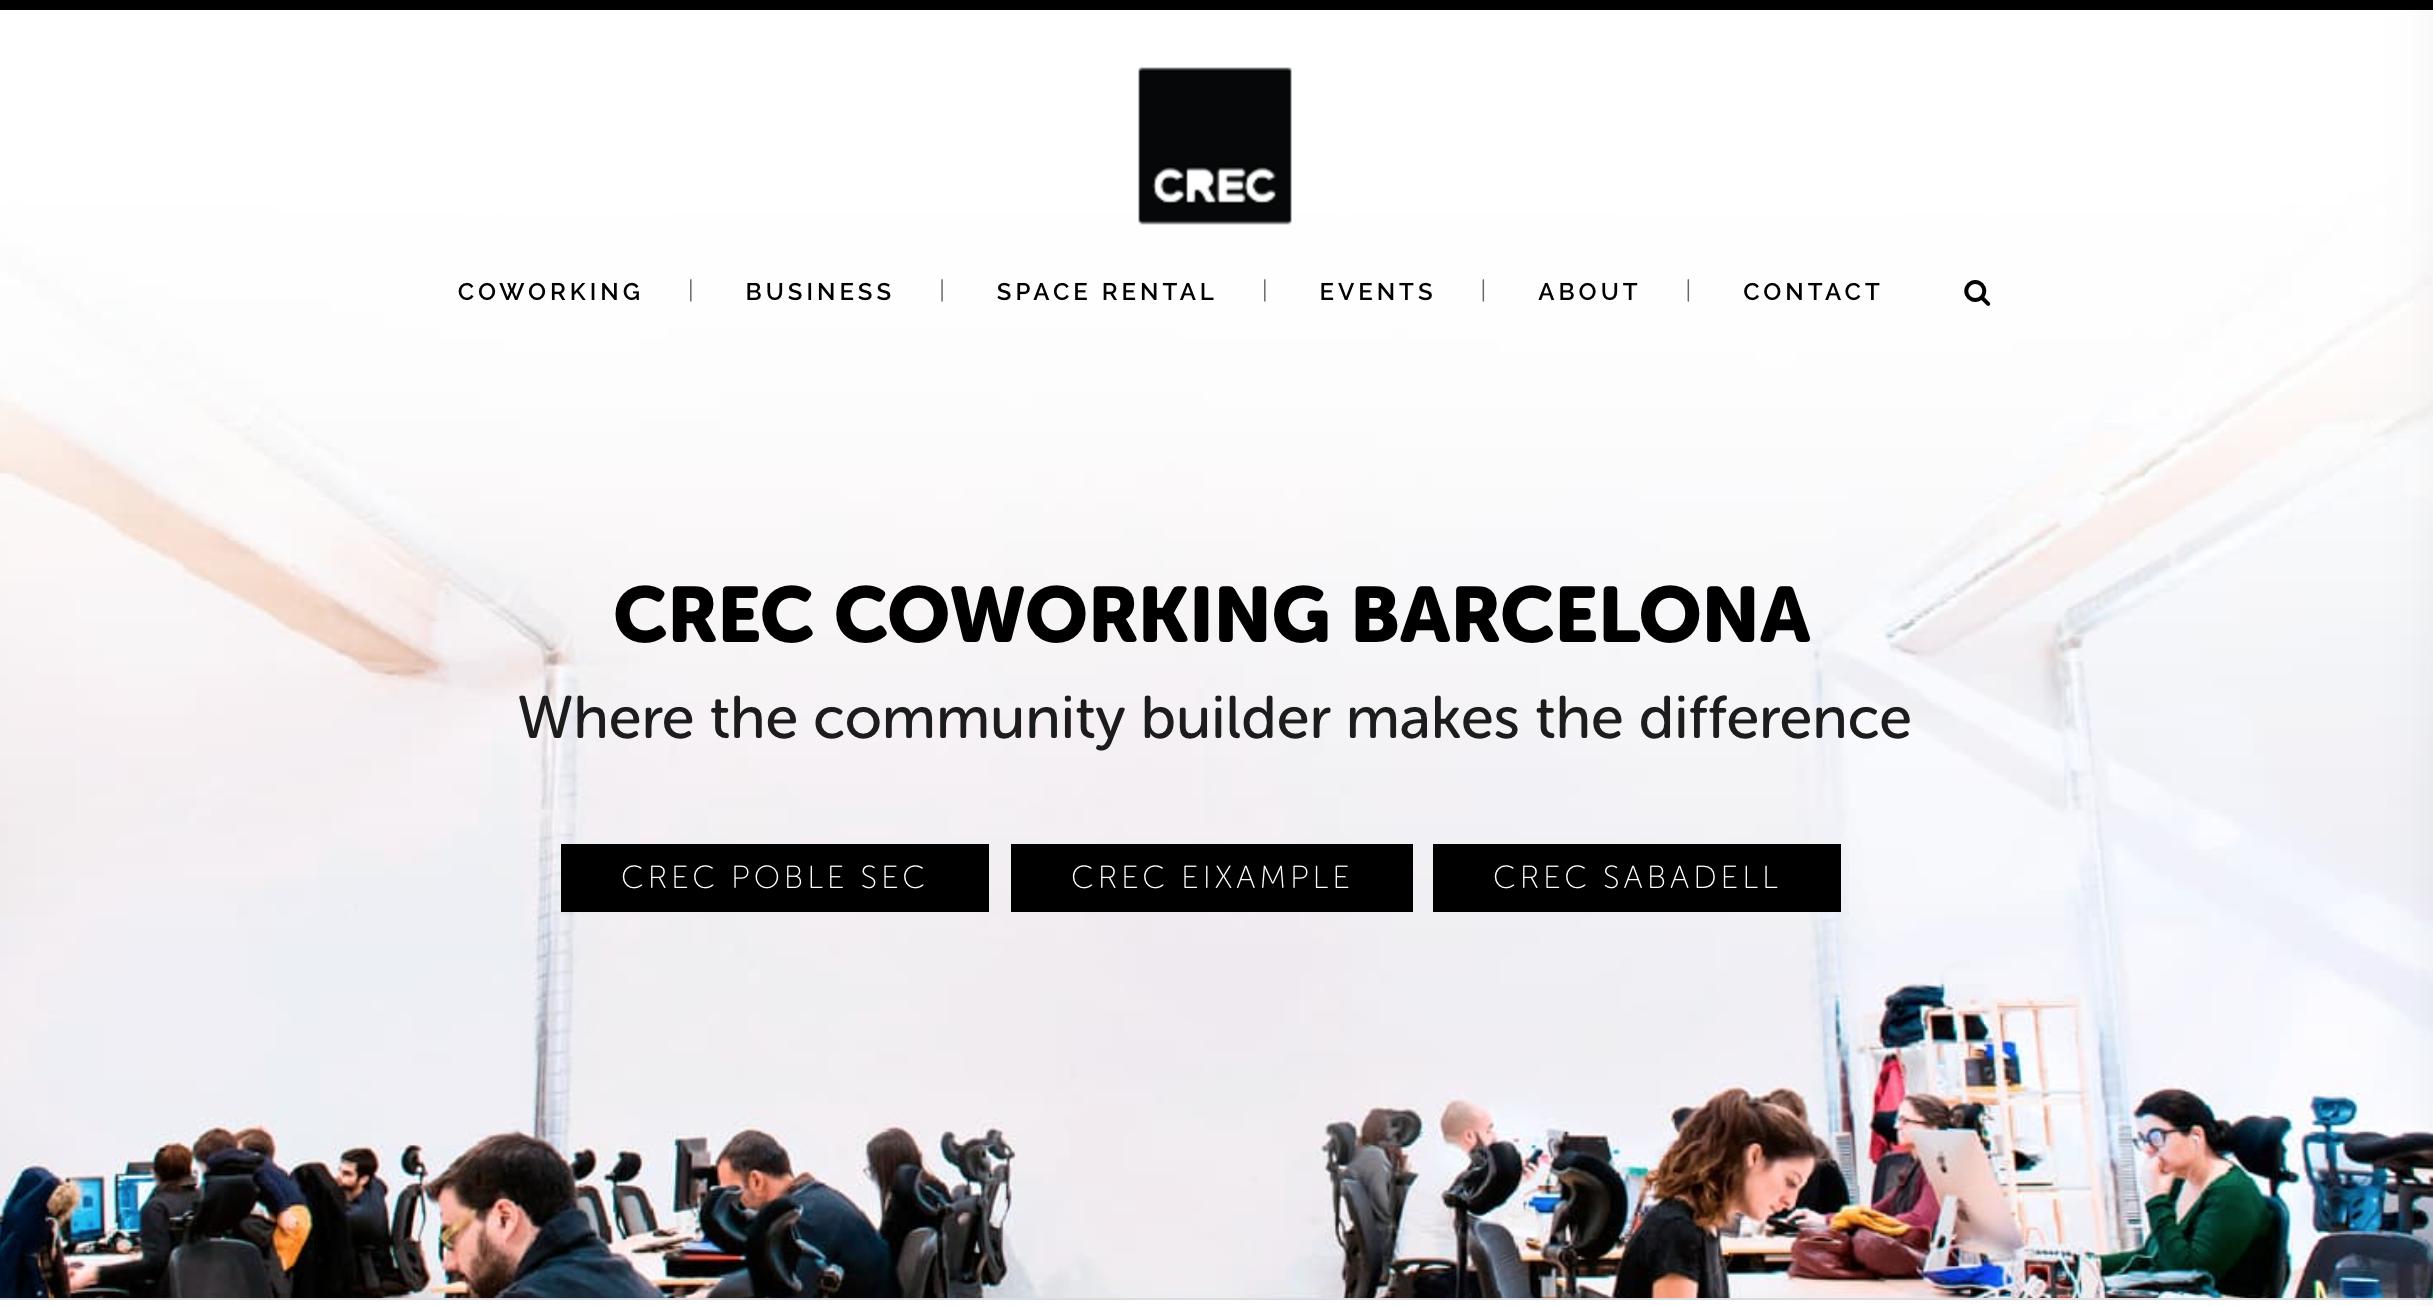 SEO&SEM Crec Coworking Barcelona